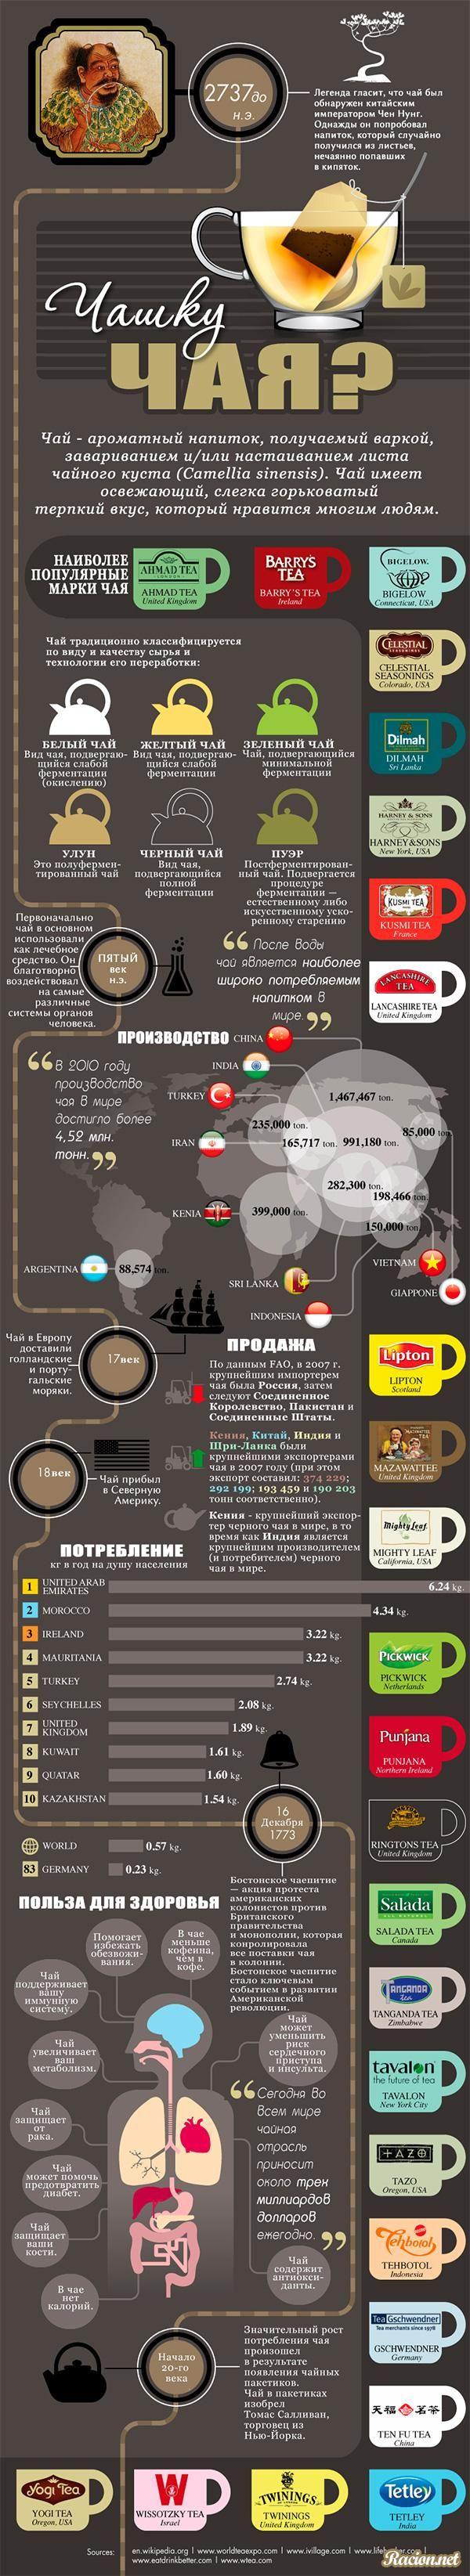 Инфографика. Все о чае